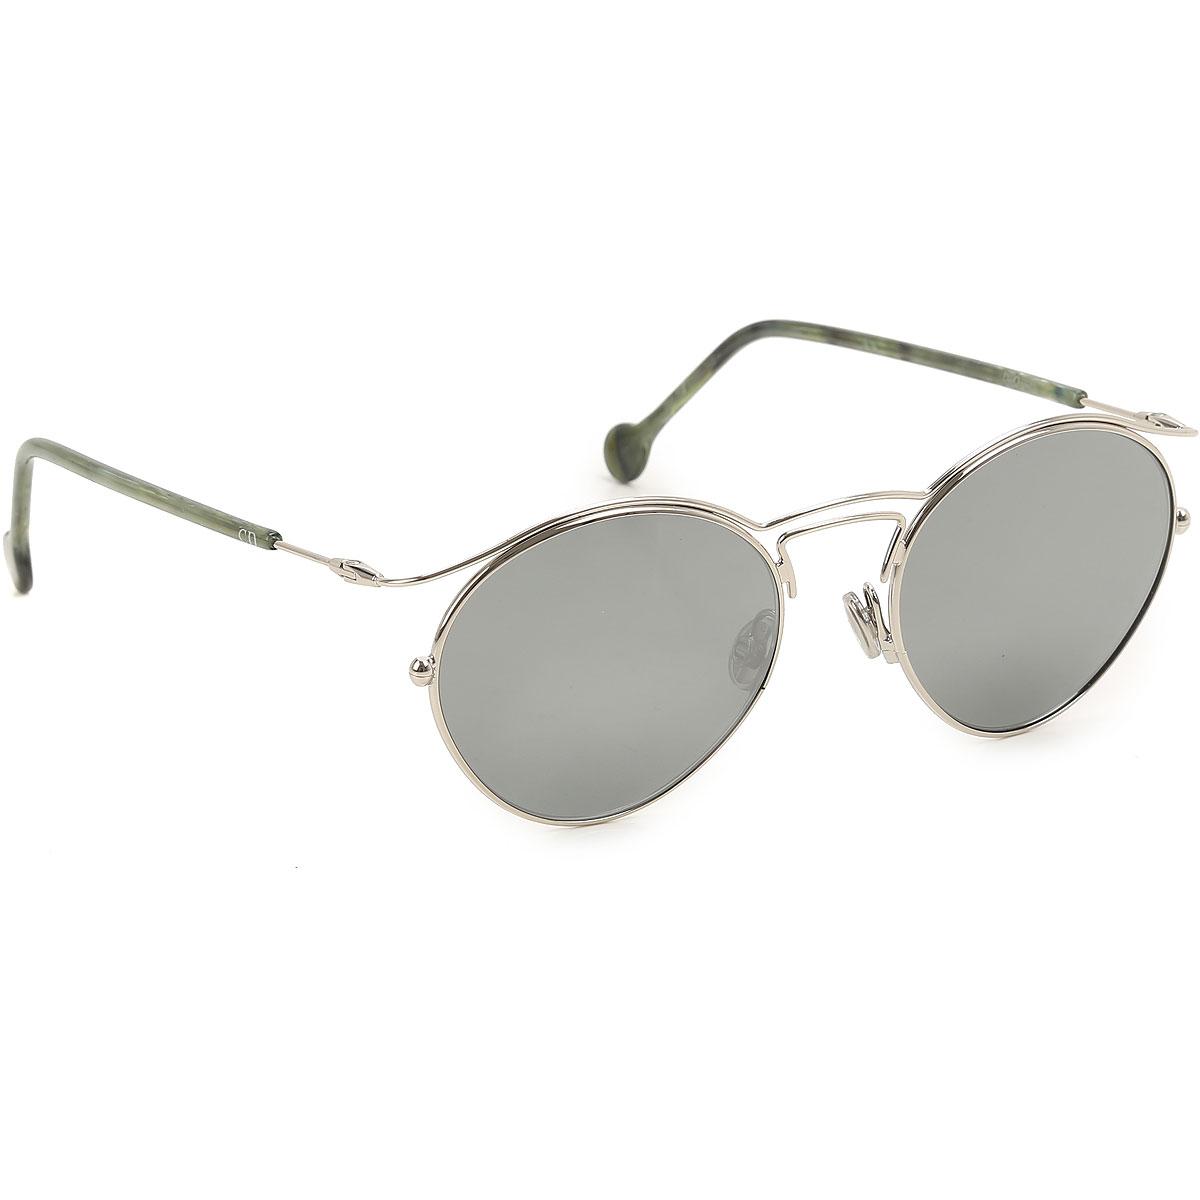 Christian dior güneş gözlükleri 2019